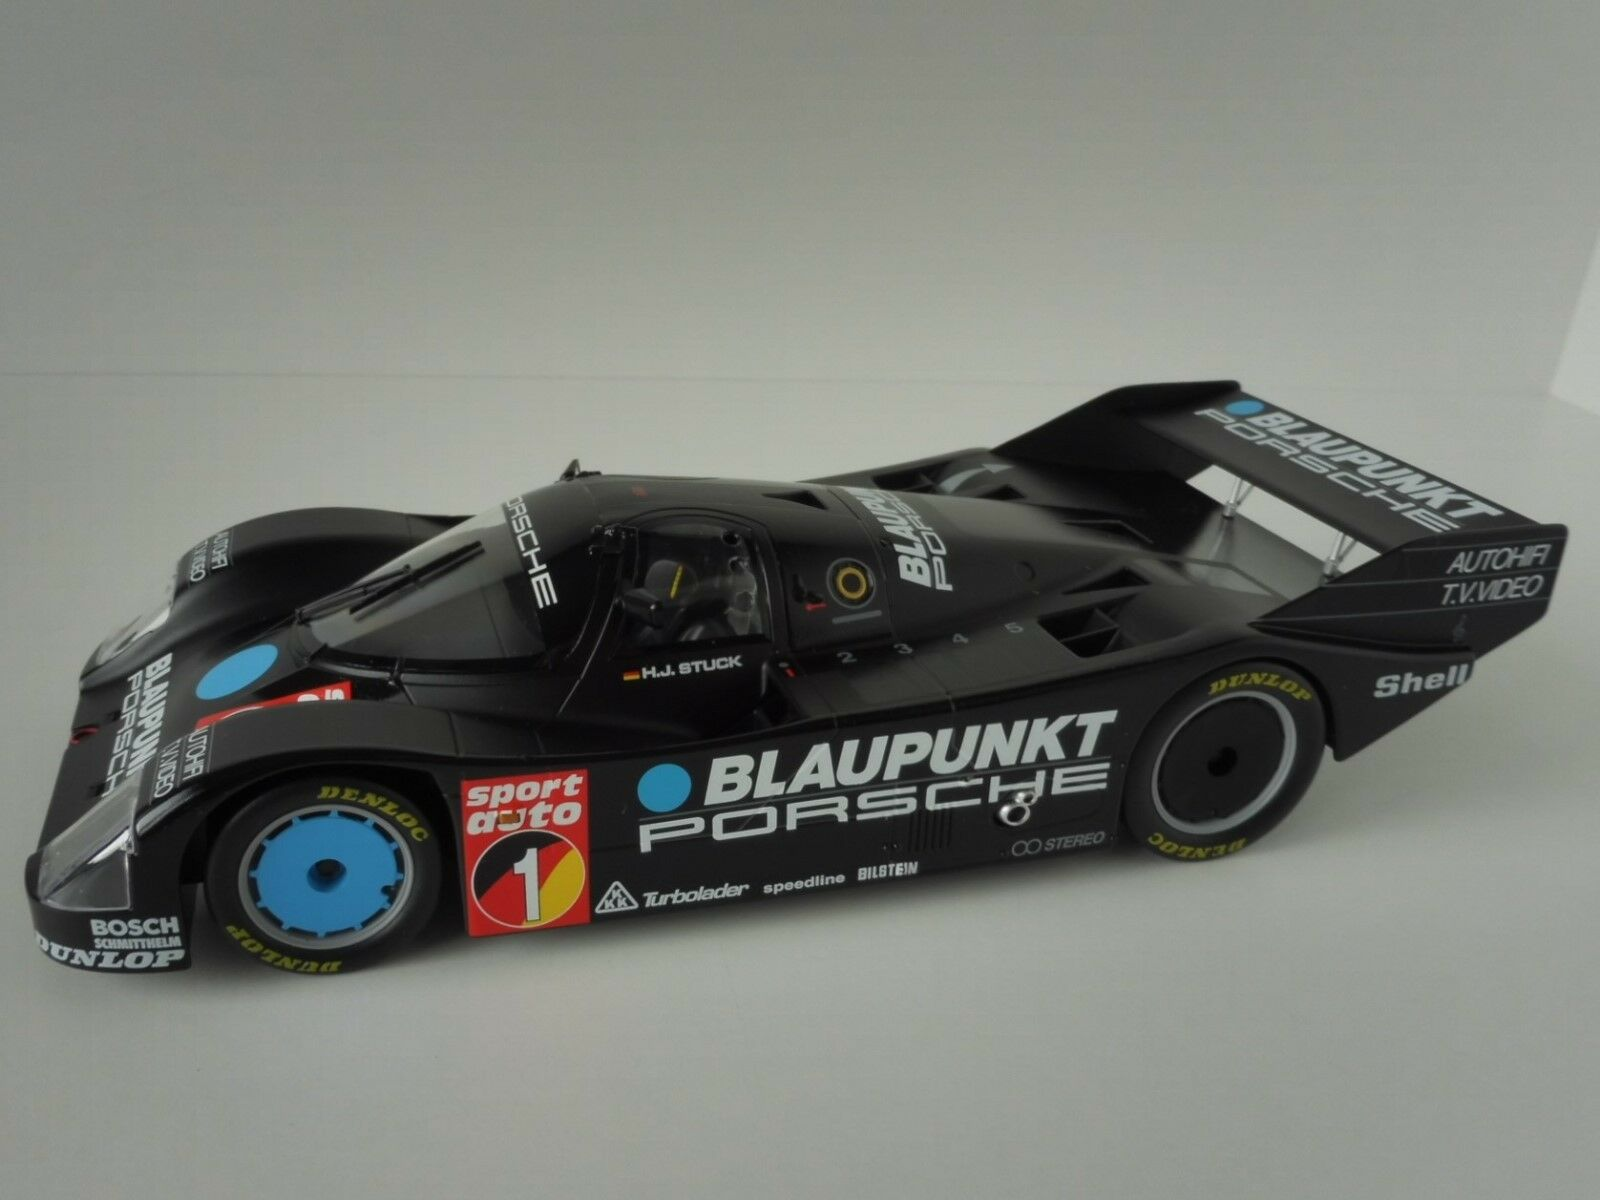 Porsche 962c teatro ADAC nurburgring 1986 1 18 norev 187411 962 C eifelrennen